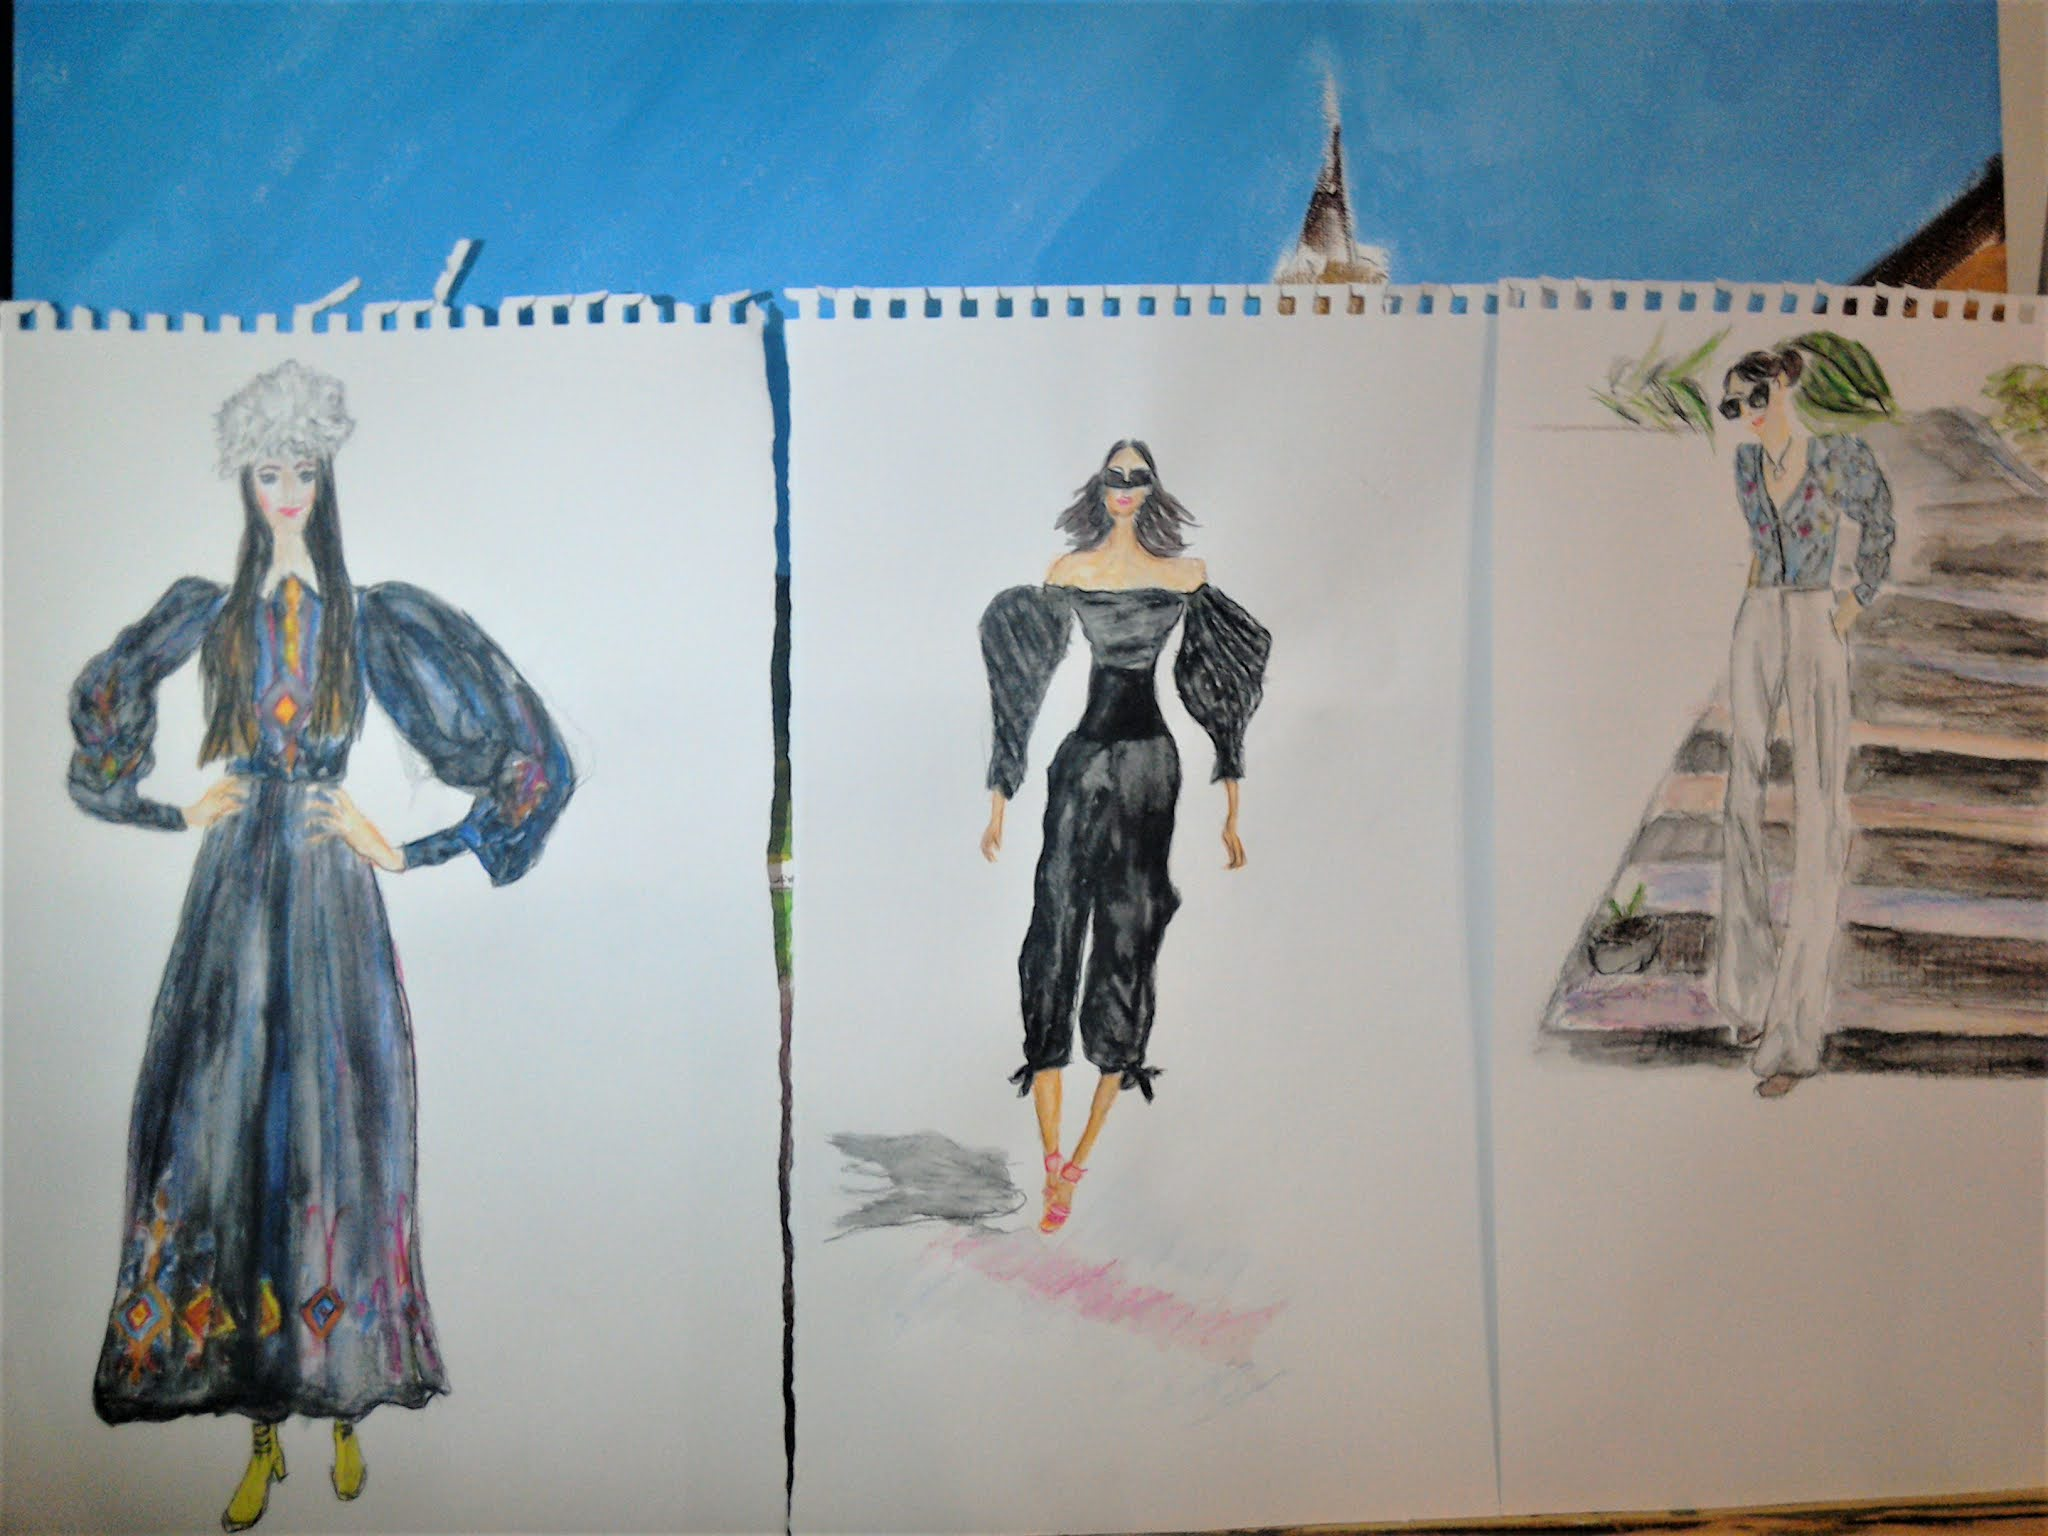 #modaodaradosti illustrating fashion bloggers